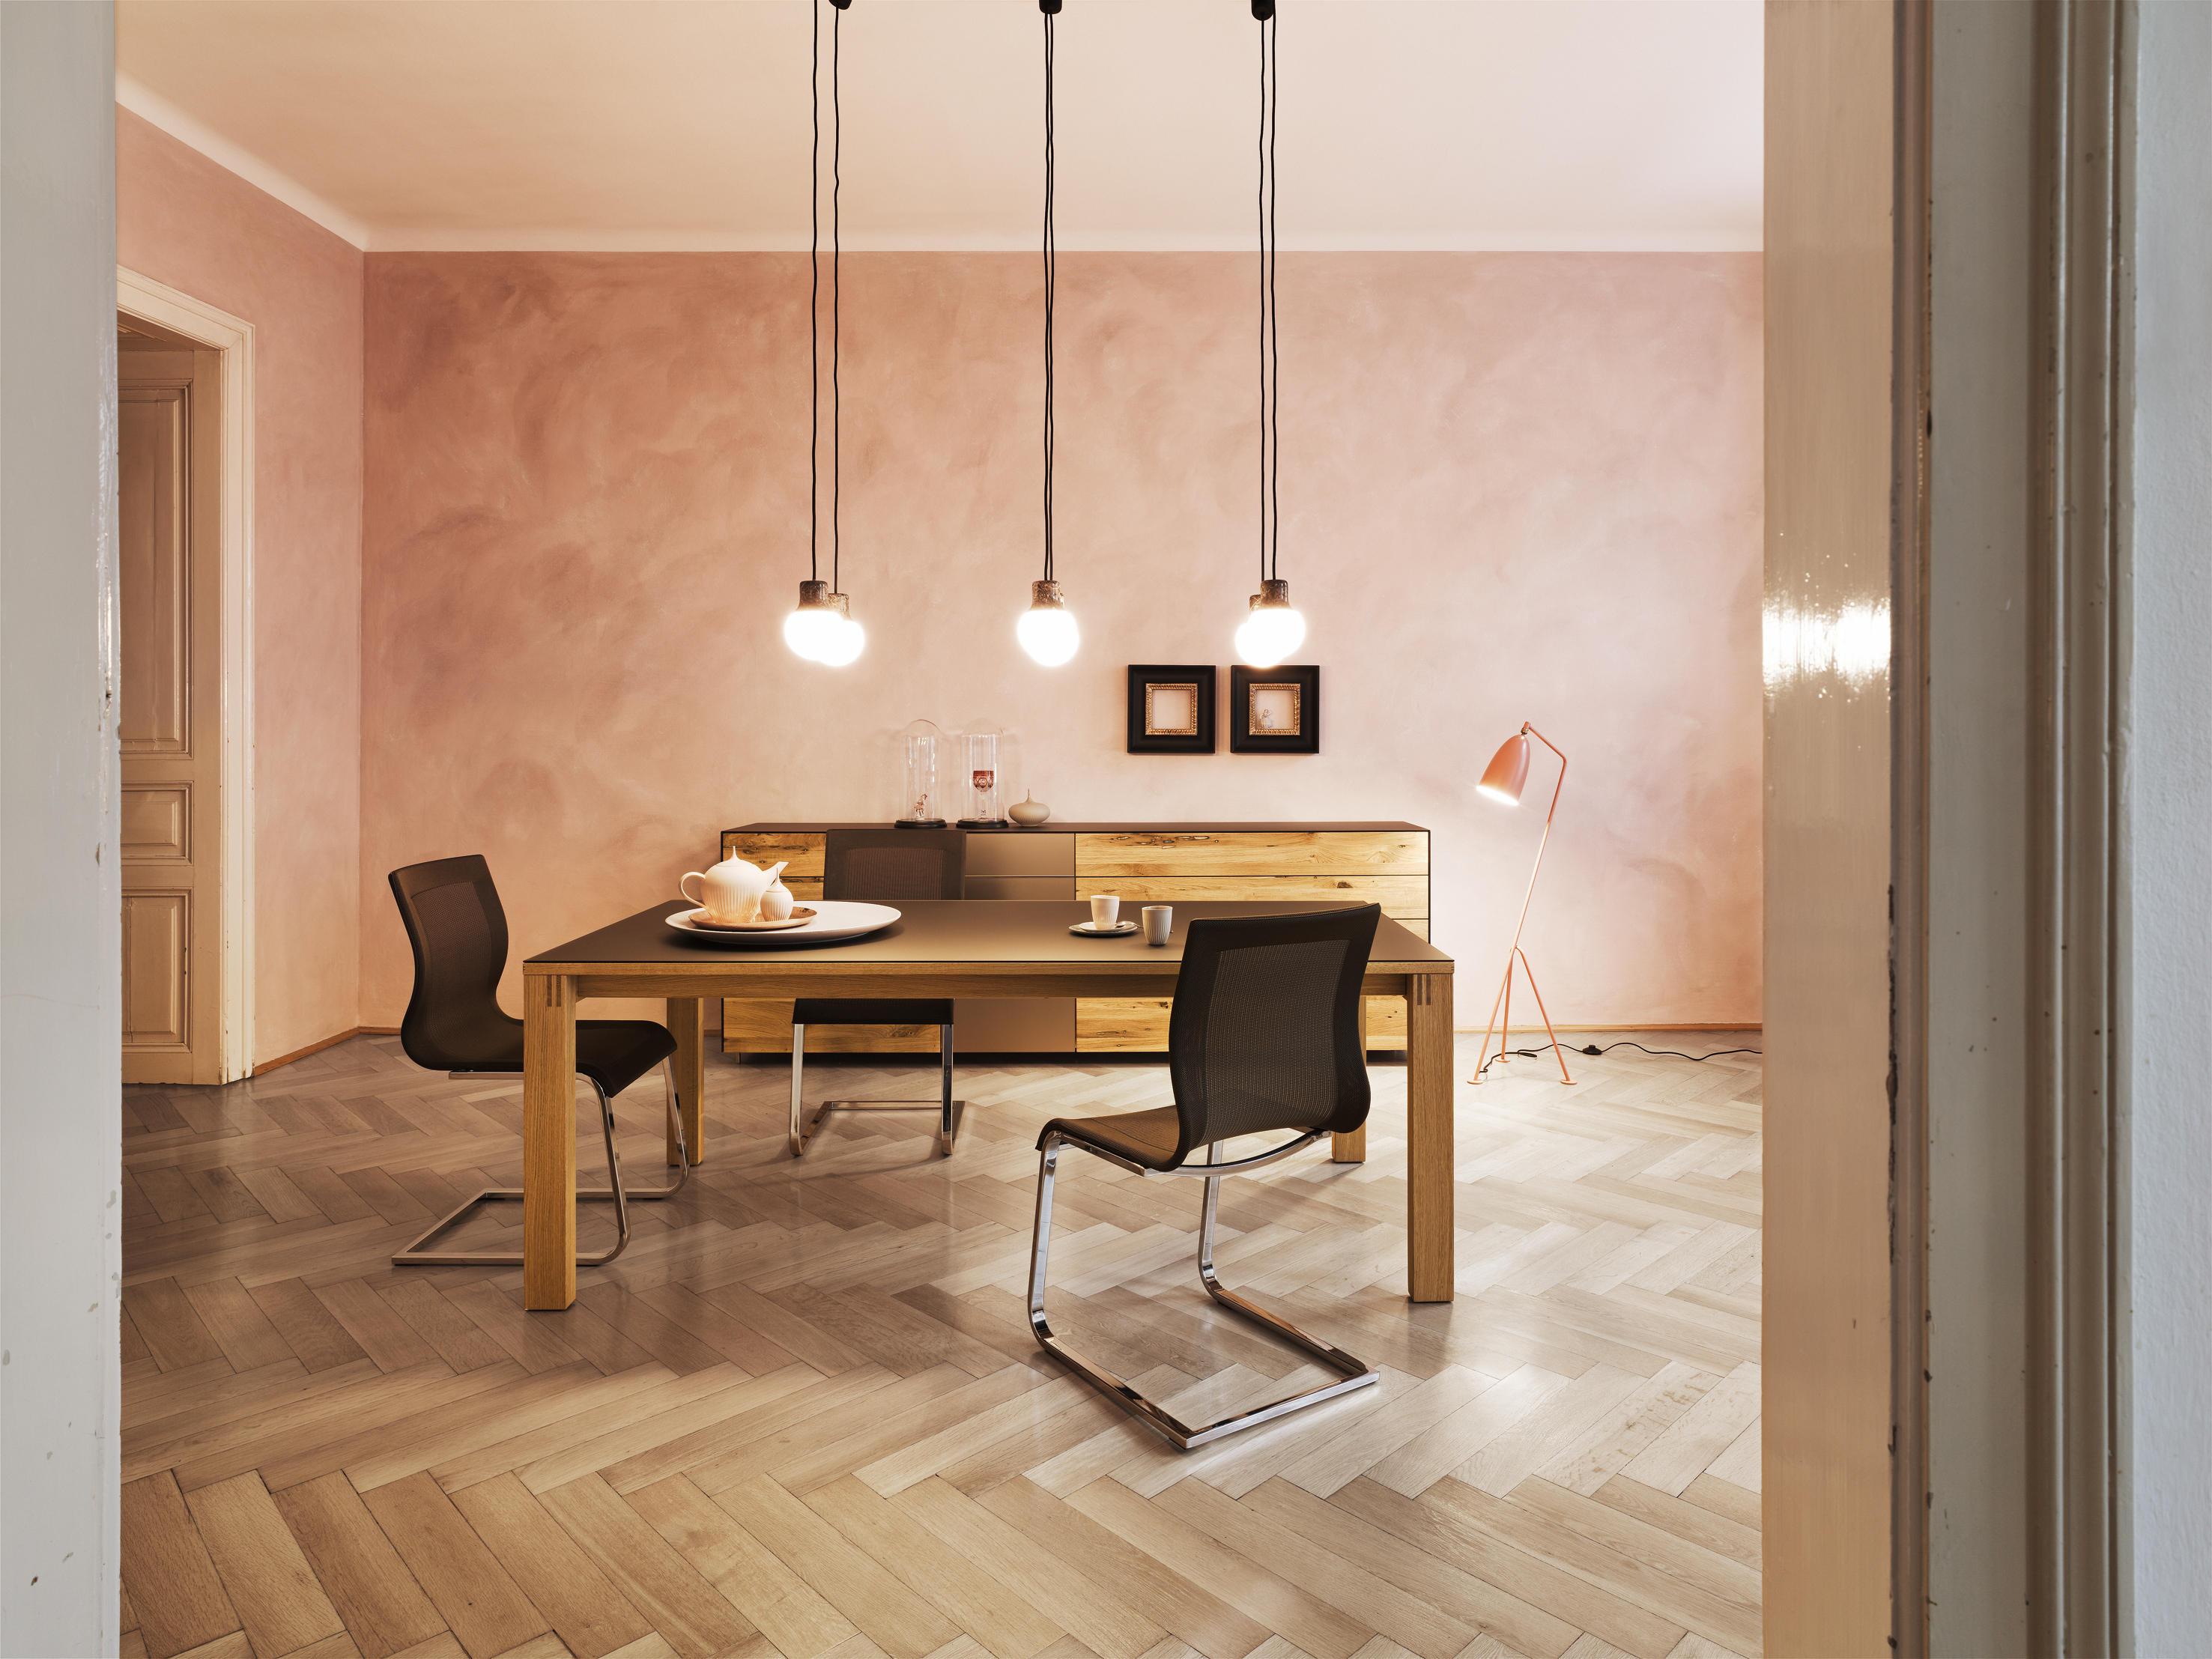 magnum stricktex freischwinger besucherst hle von team 7 architonic. Black Bedroom Furniture Sets. Home Design Ideas